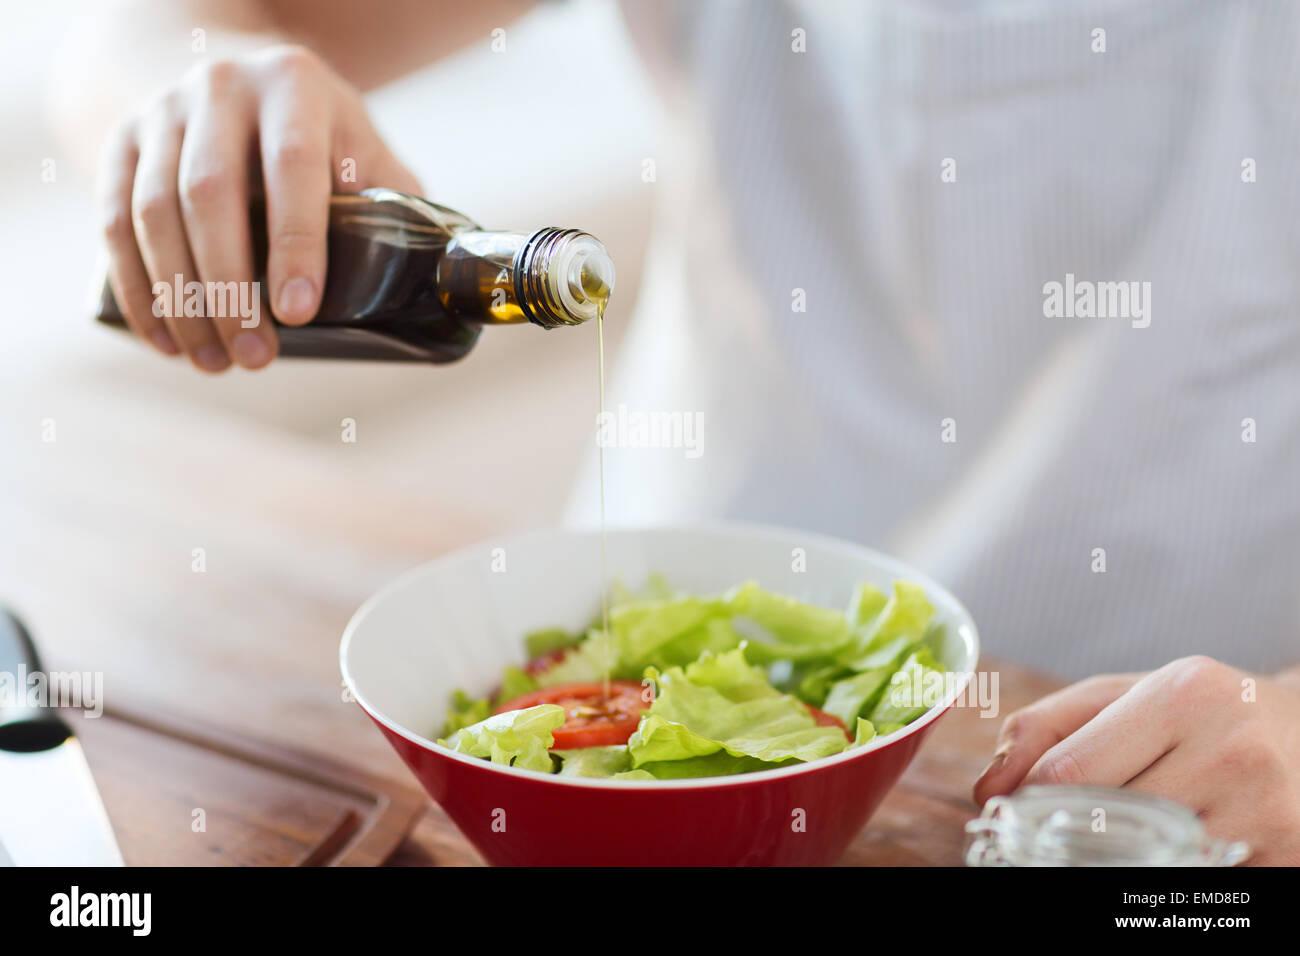 Nahaufnahme von männlichen Händen Aromatisieren von Salat in eine Schüssel geben Stockbild